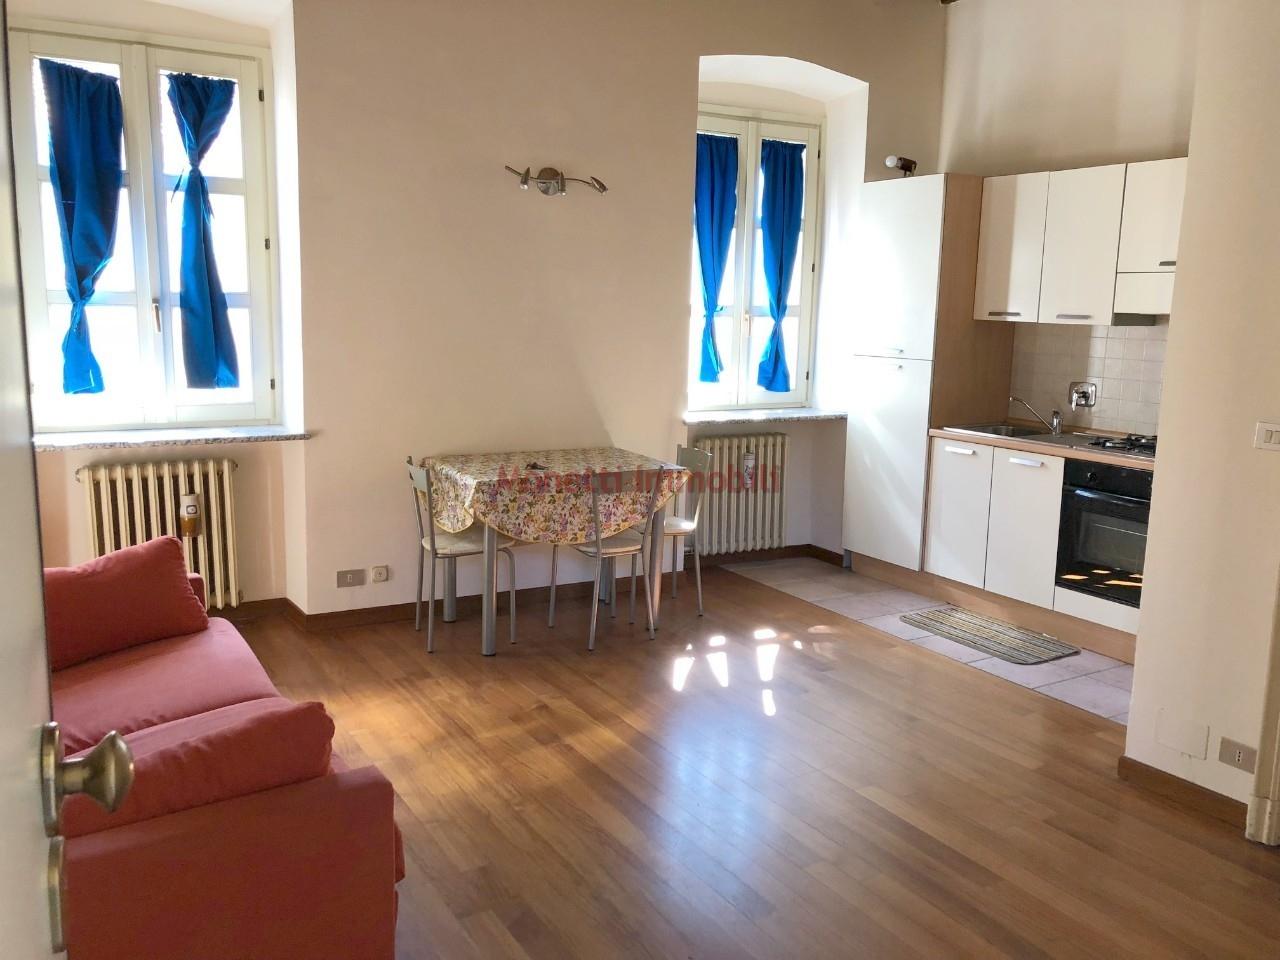 Appartamento in affitto a Pinerolo, 1 locali, prezzo € 300 | PortaleAgenzieImmobiliari.it